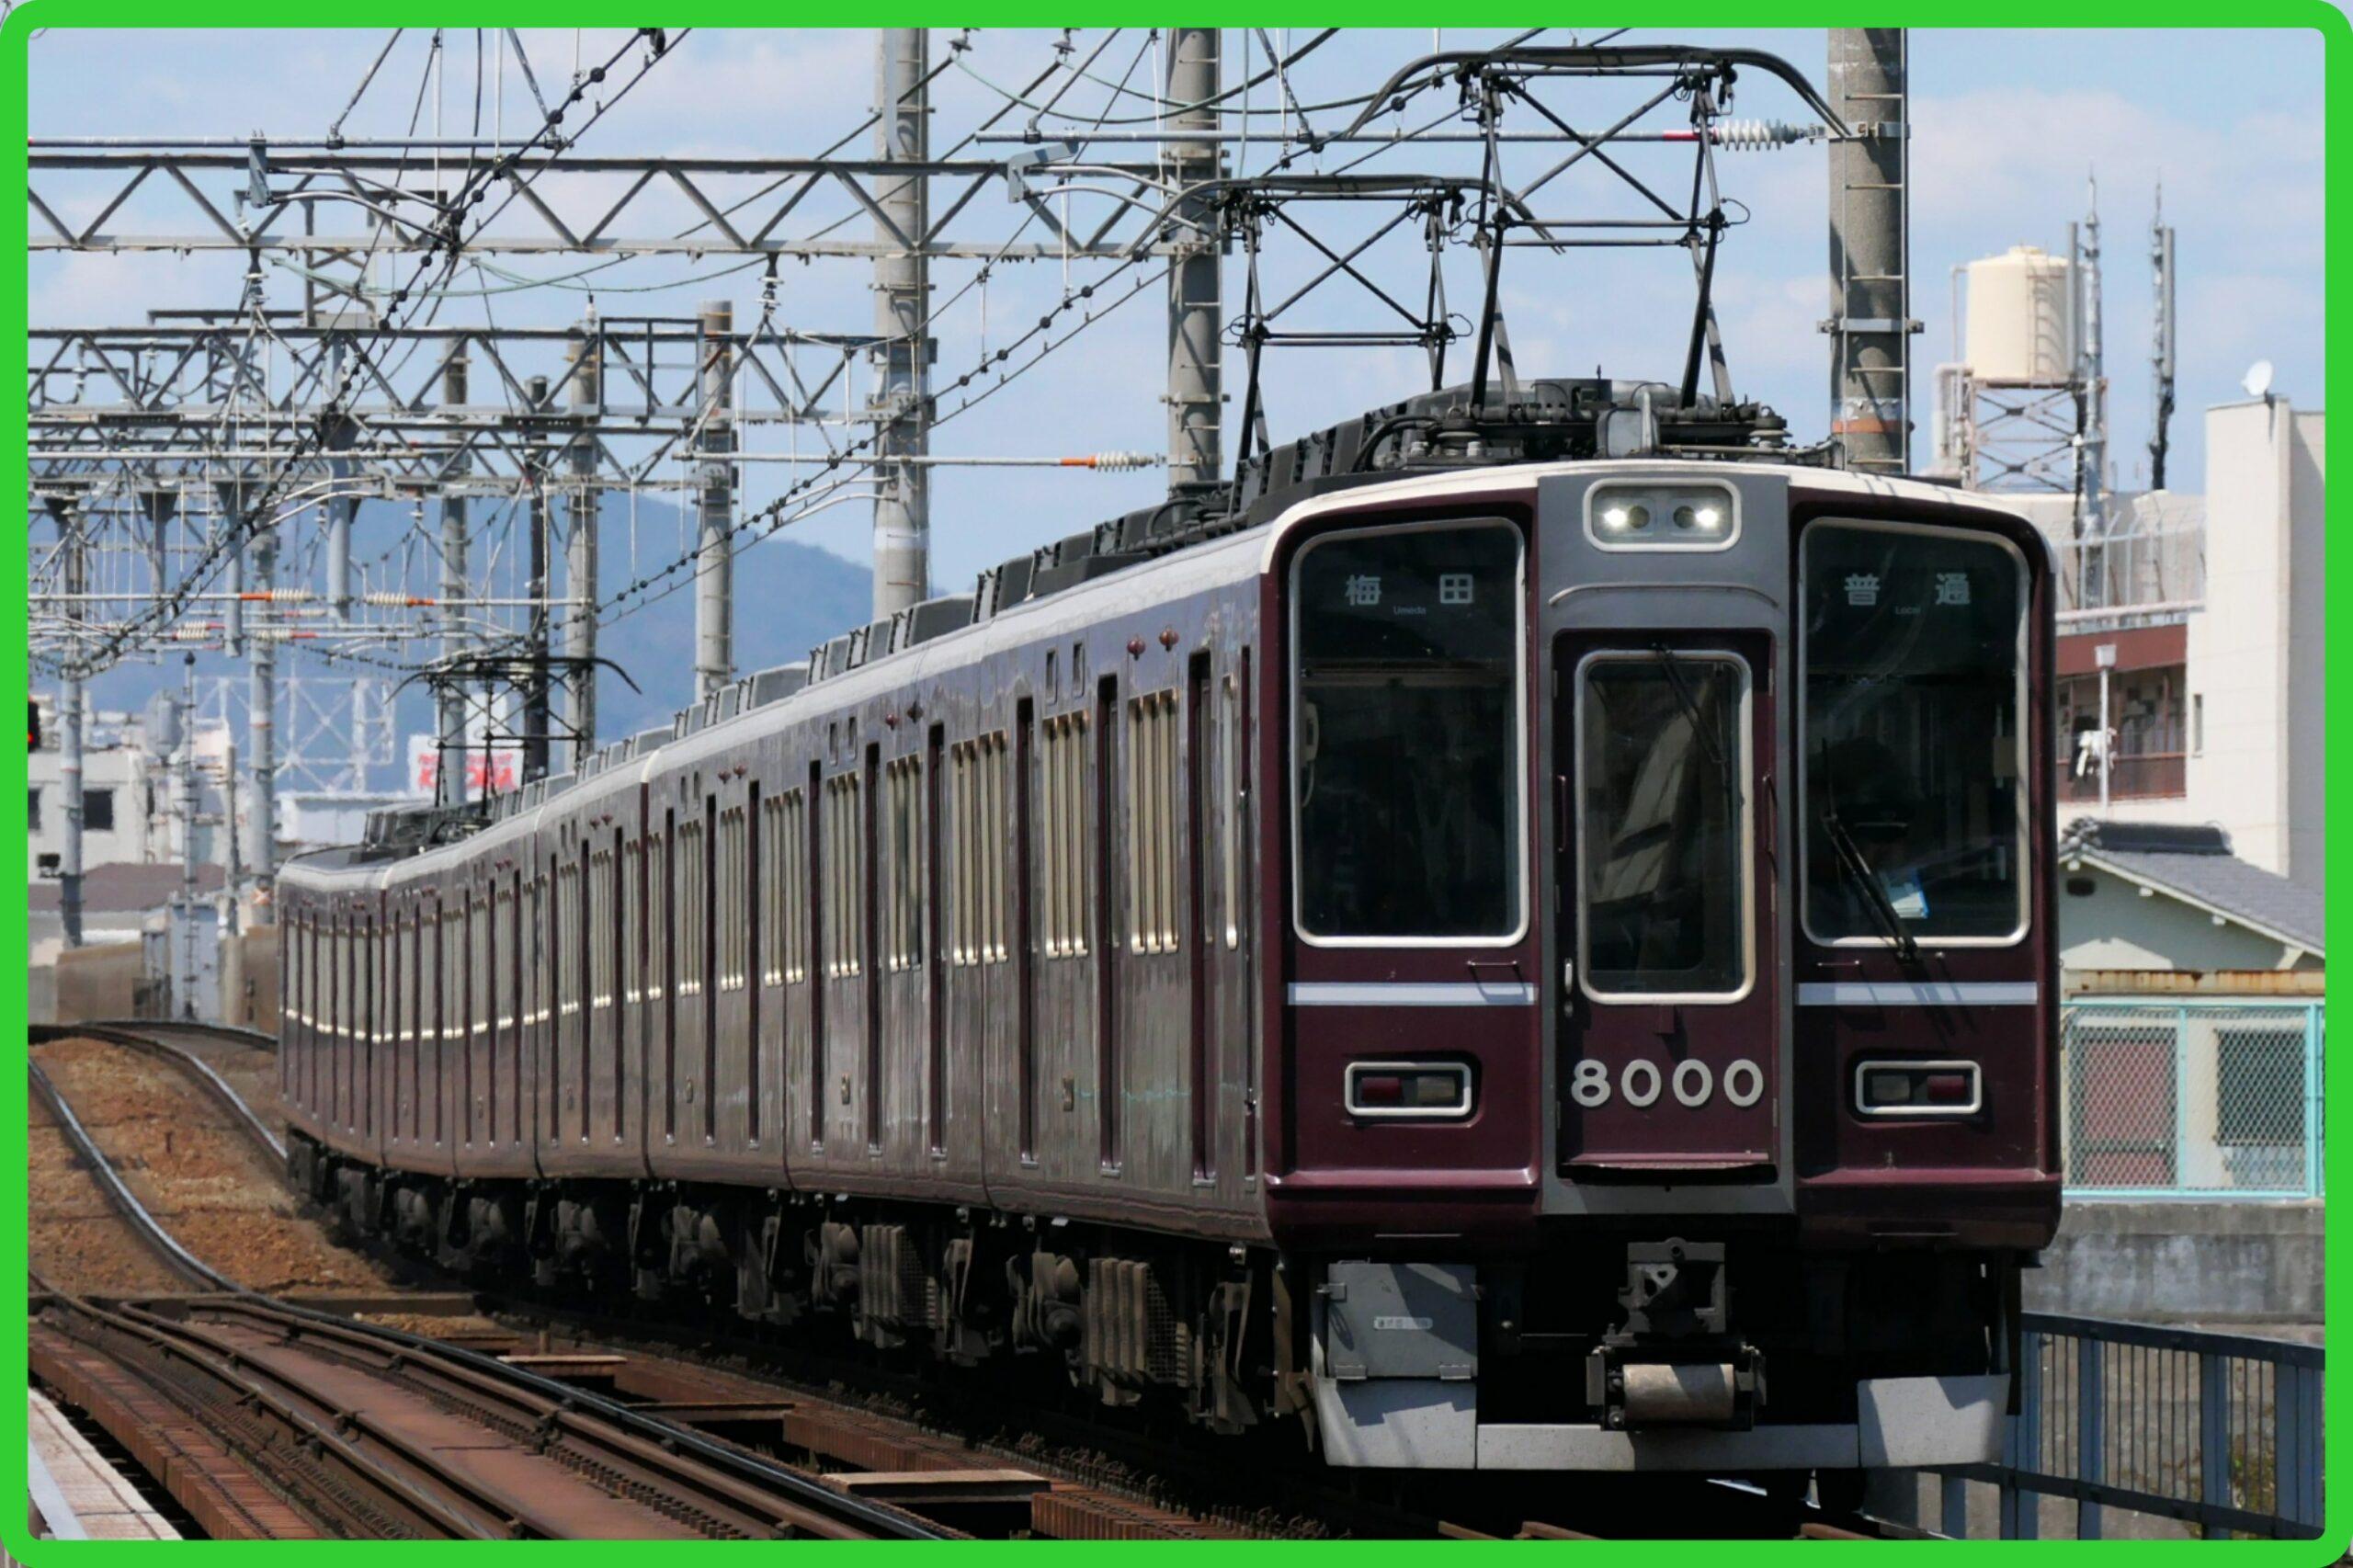 【悲報】阪急神戸線でドアを破壊されそうになる 阪急8000系で